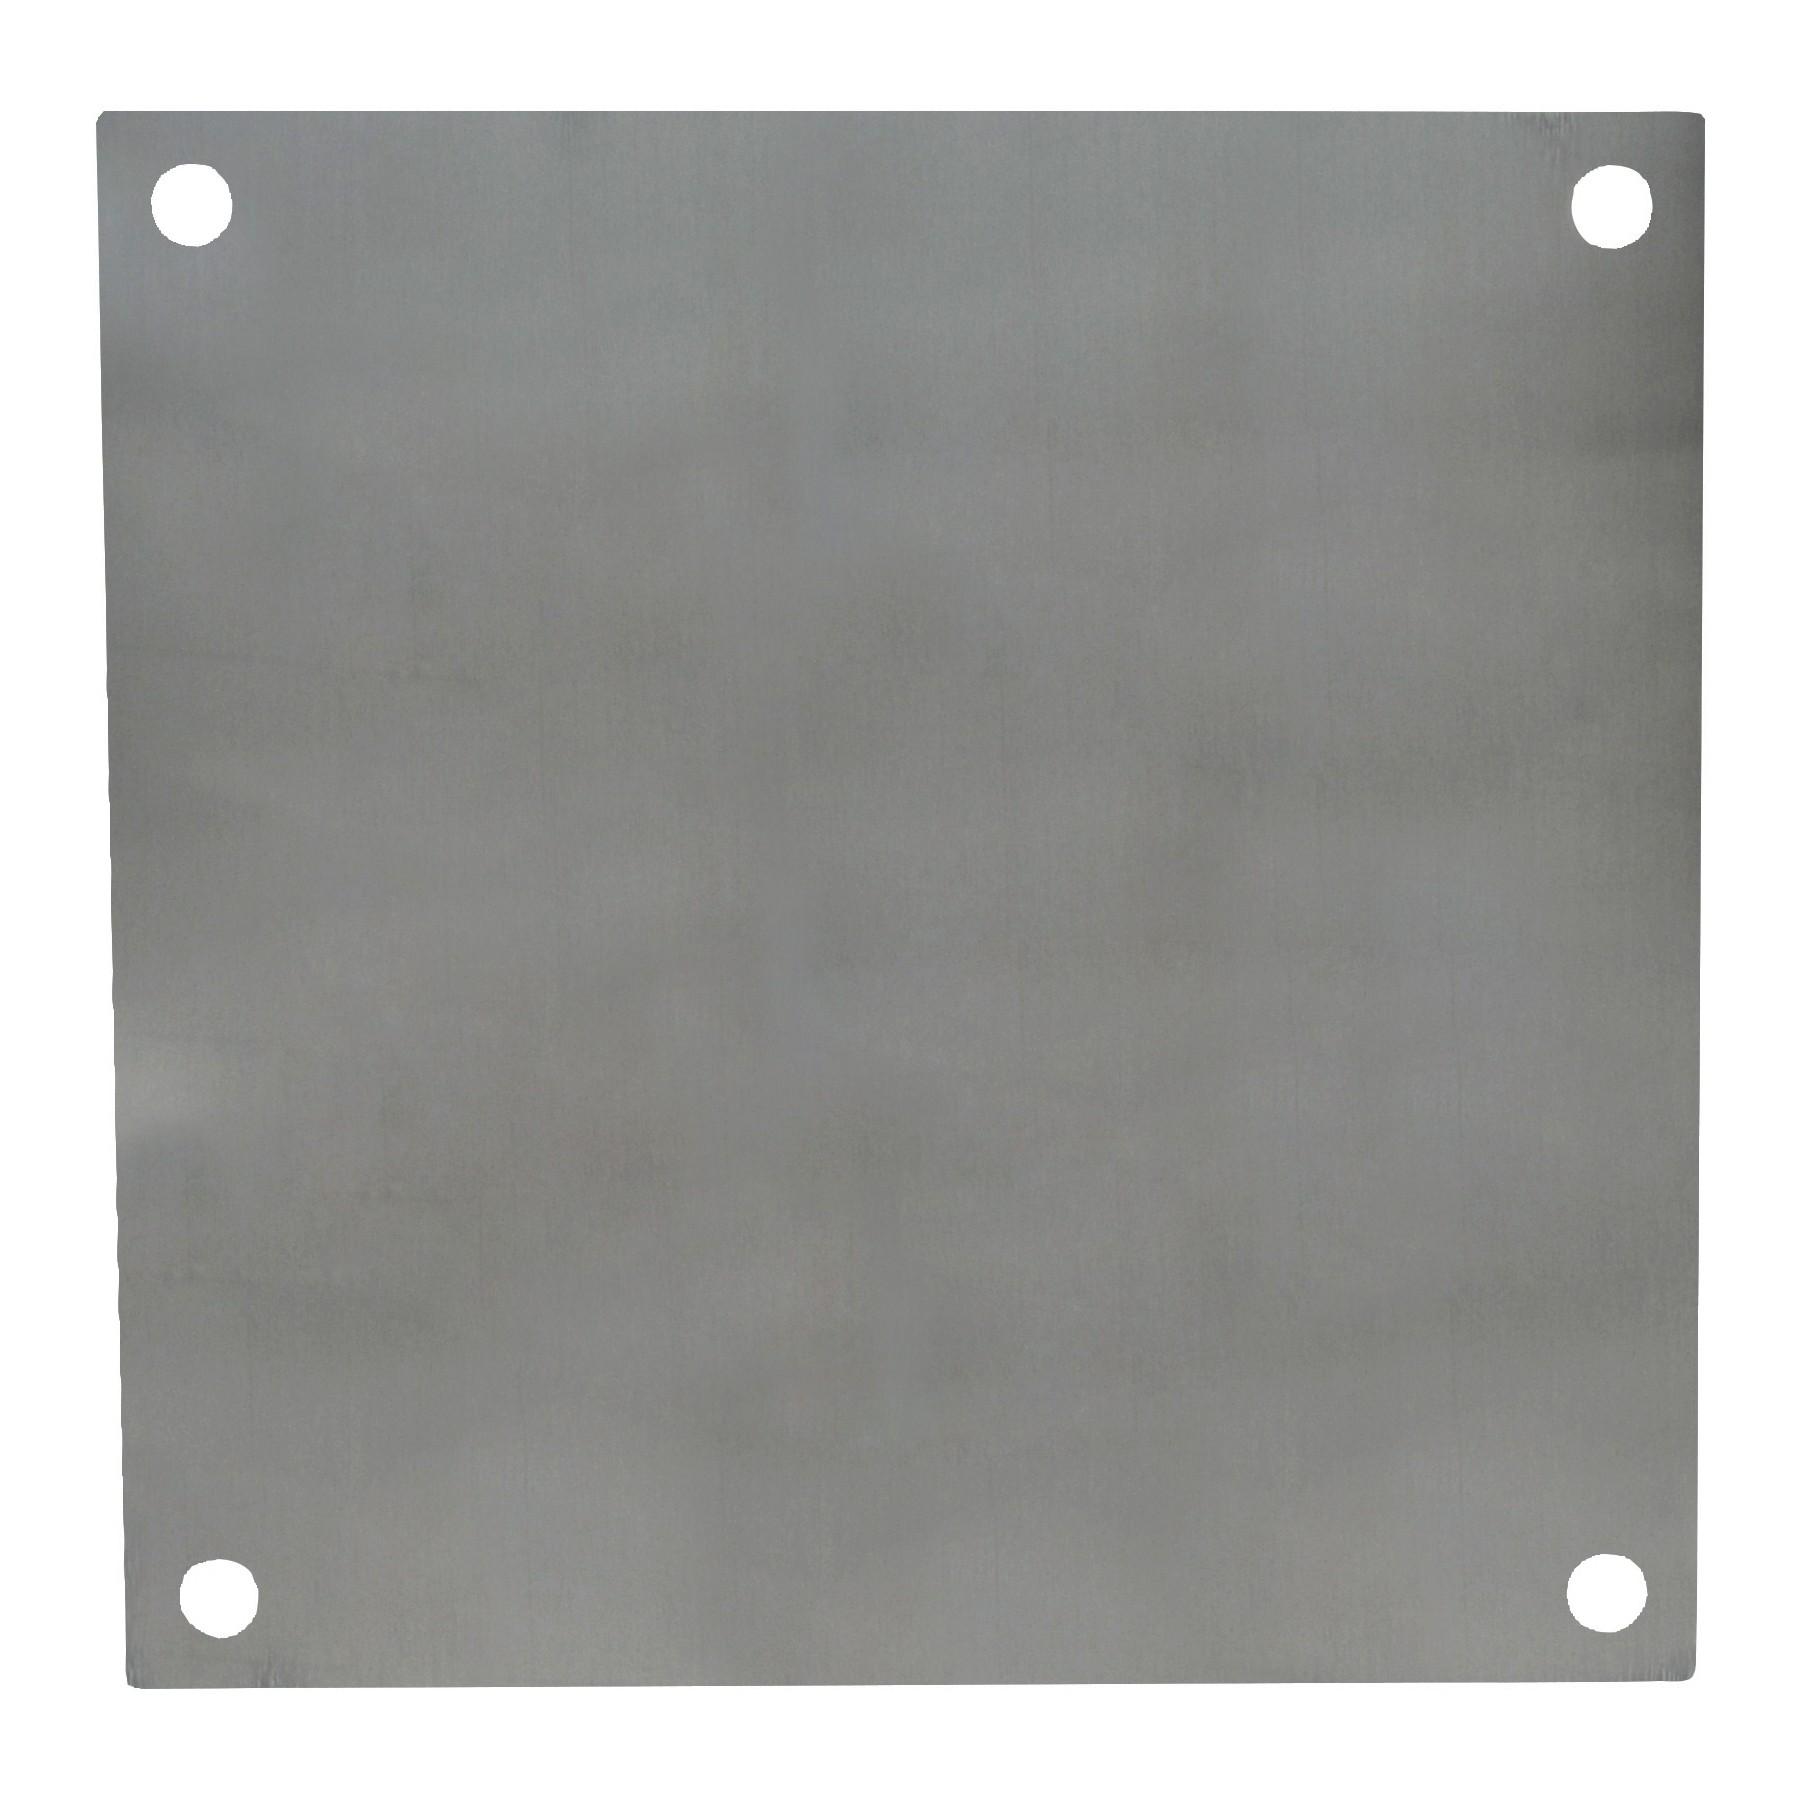 PA66 - Aluminum Enclosure Back Panel Kit